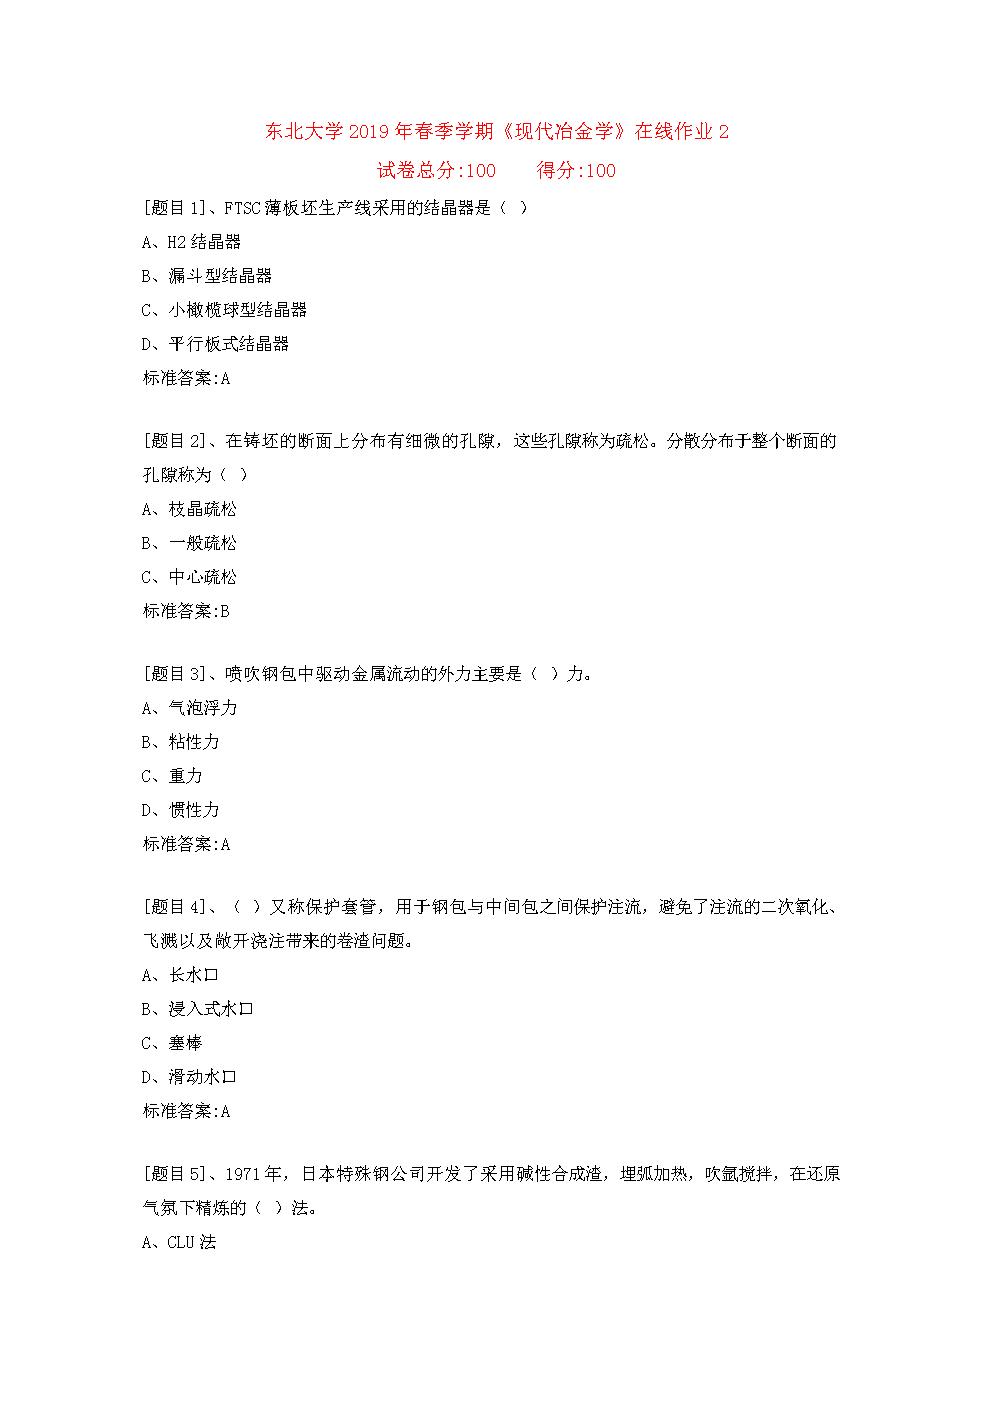 东北大学2019年春季学期《现代冶金学》在线作业(答案)(1).doc